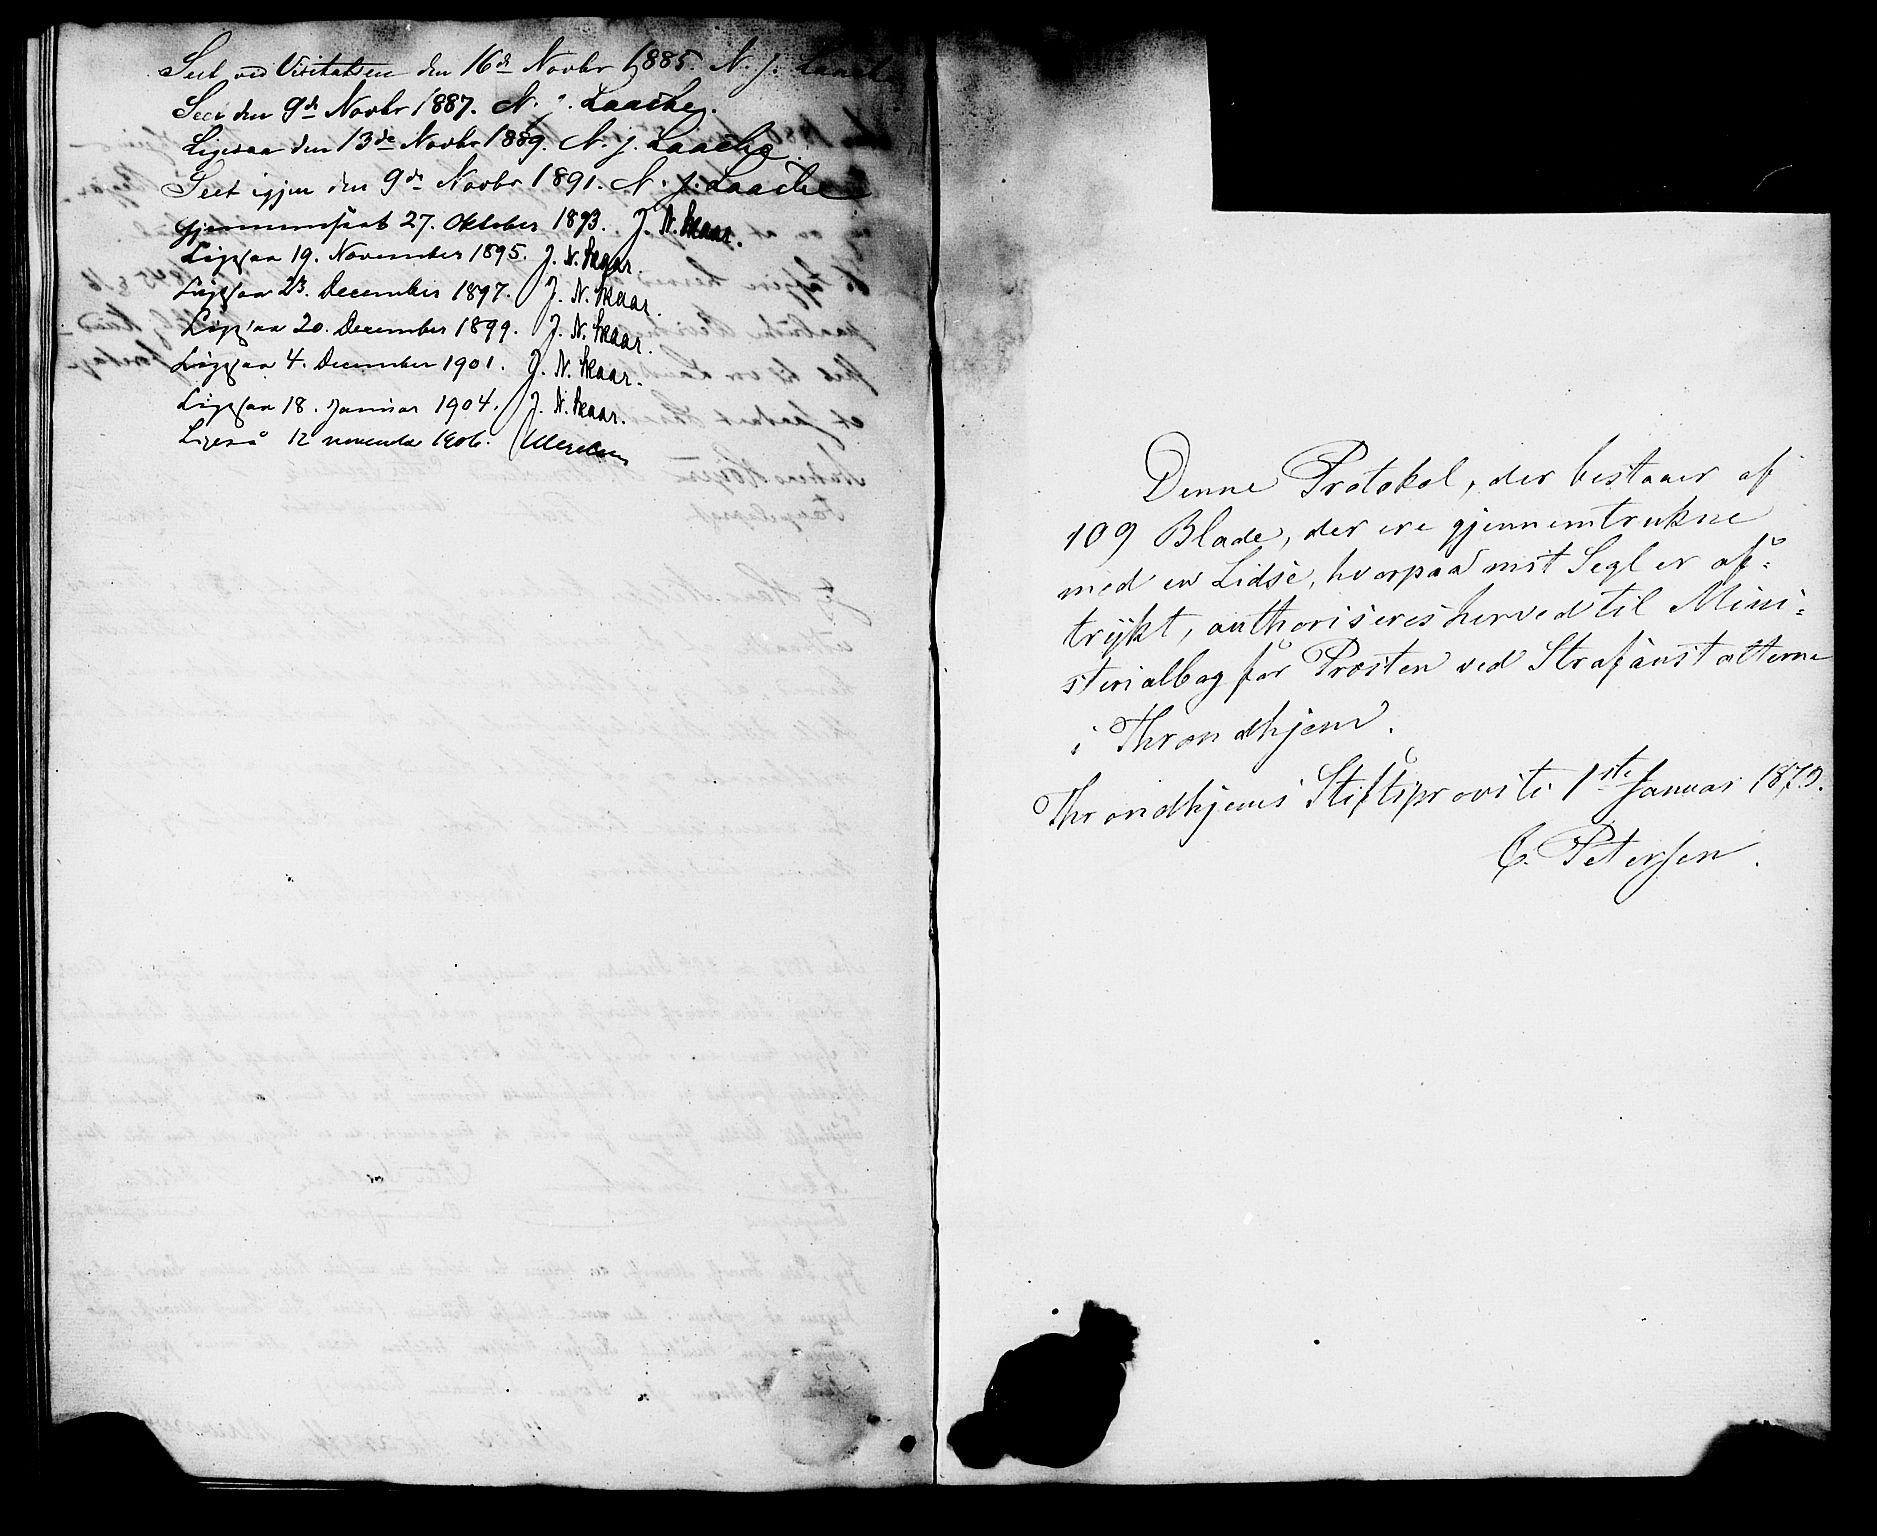 SAT, Ministerialprotokoller, klokkerbøker og fødselsregistre - Sør-Trøndelag, 624/L0482: Ministerialbok nr. 624A03, 1870-1918